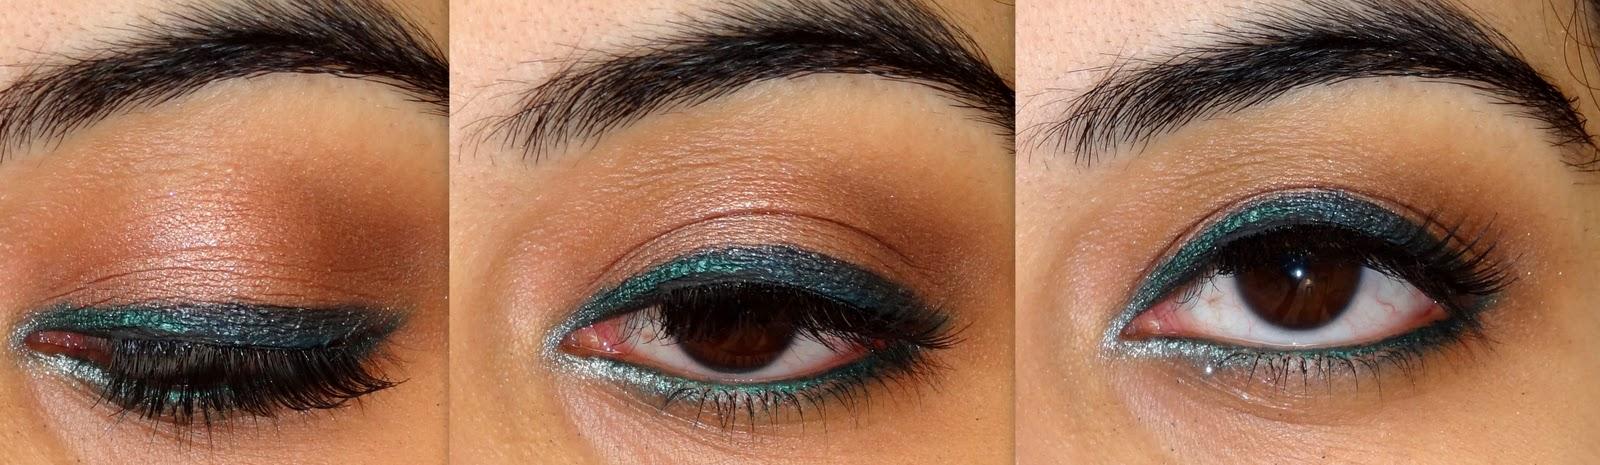 simple eyes makeup tutorial